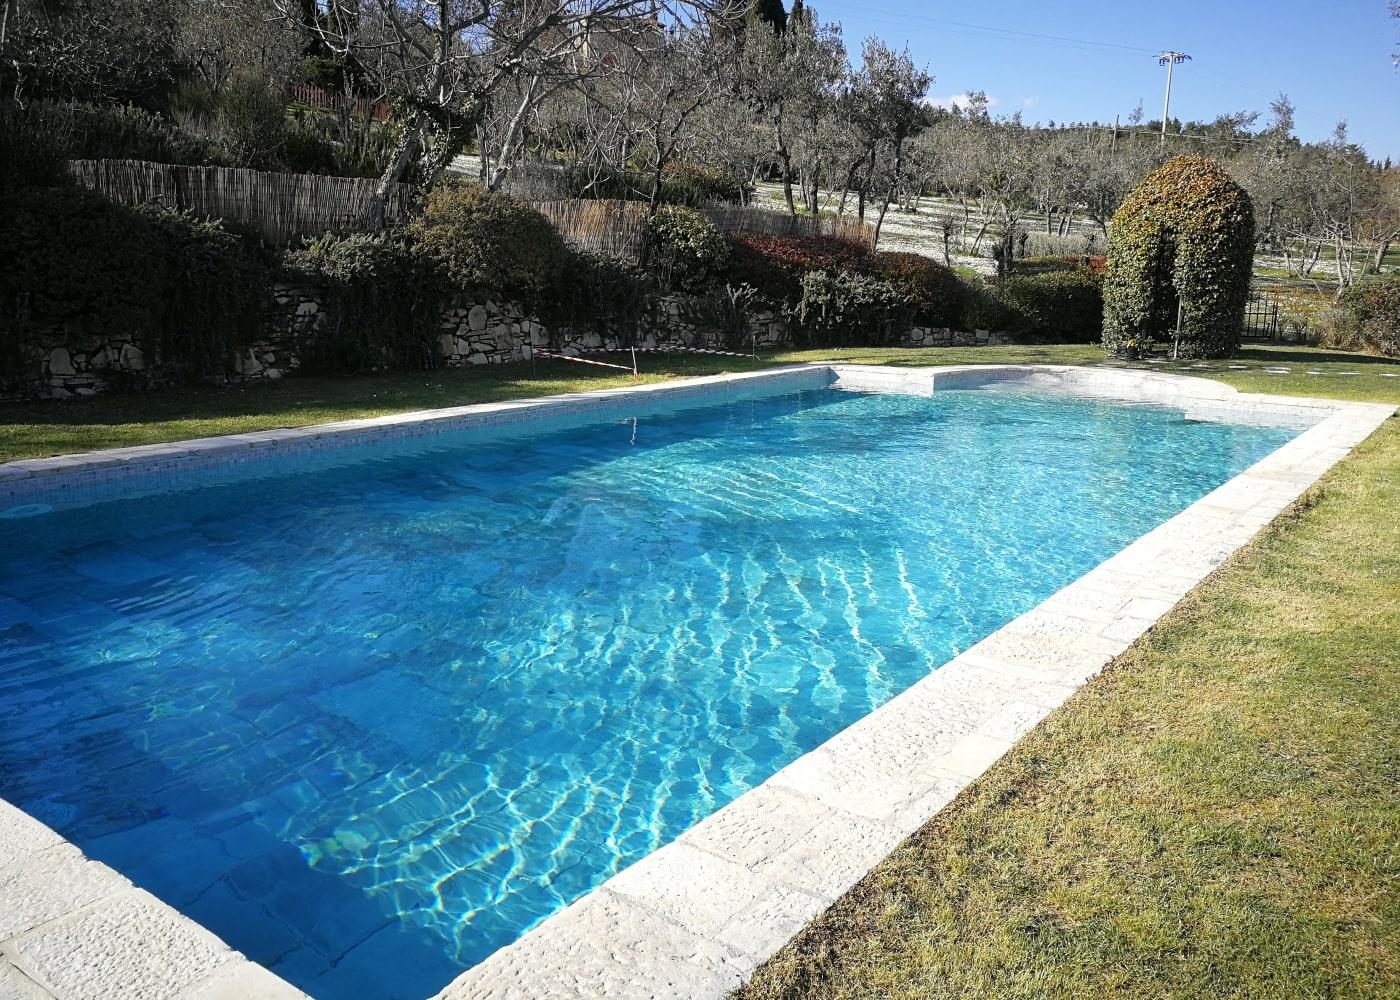 Realizzazione piscine per strutture ricettive in toscana garden pool realizzazione piscine - Piscine in toscana ...